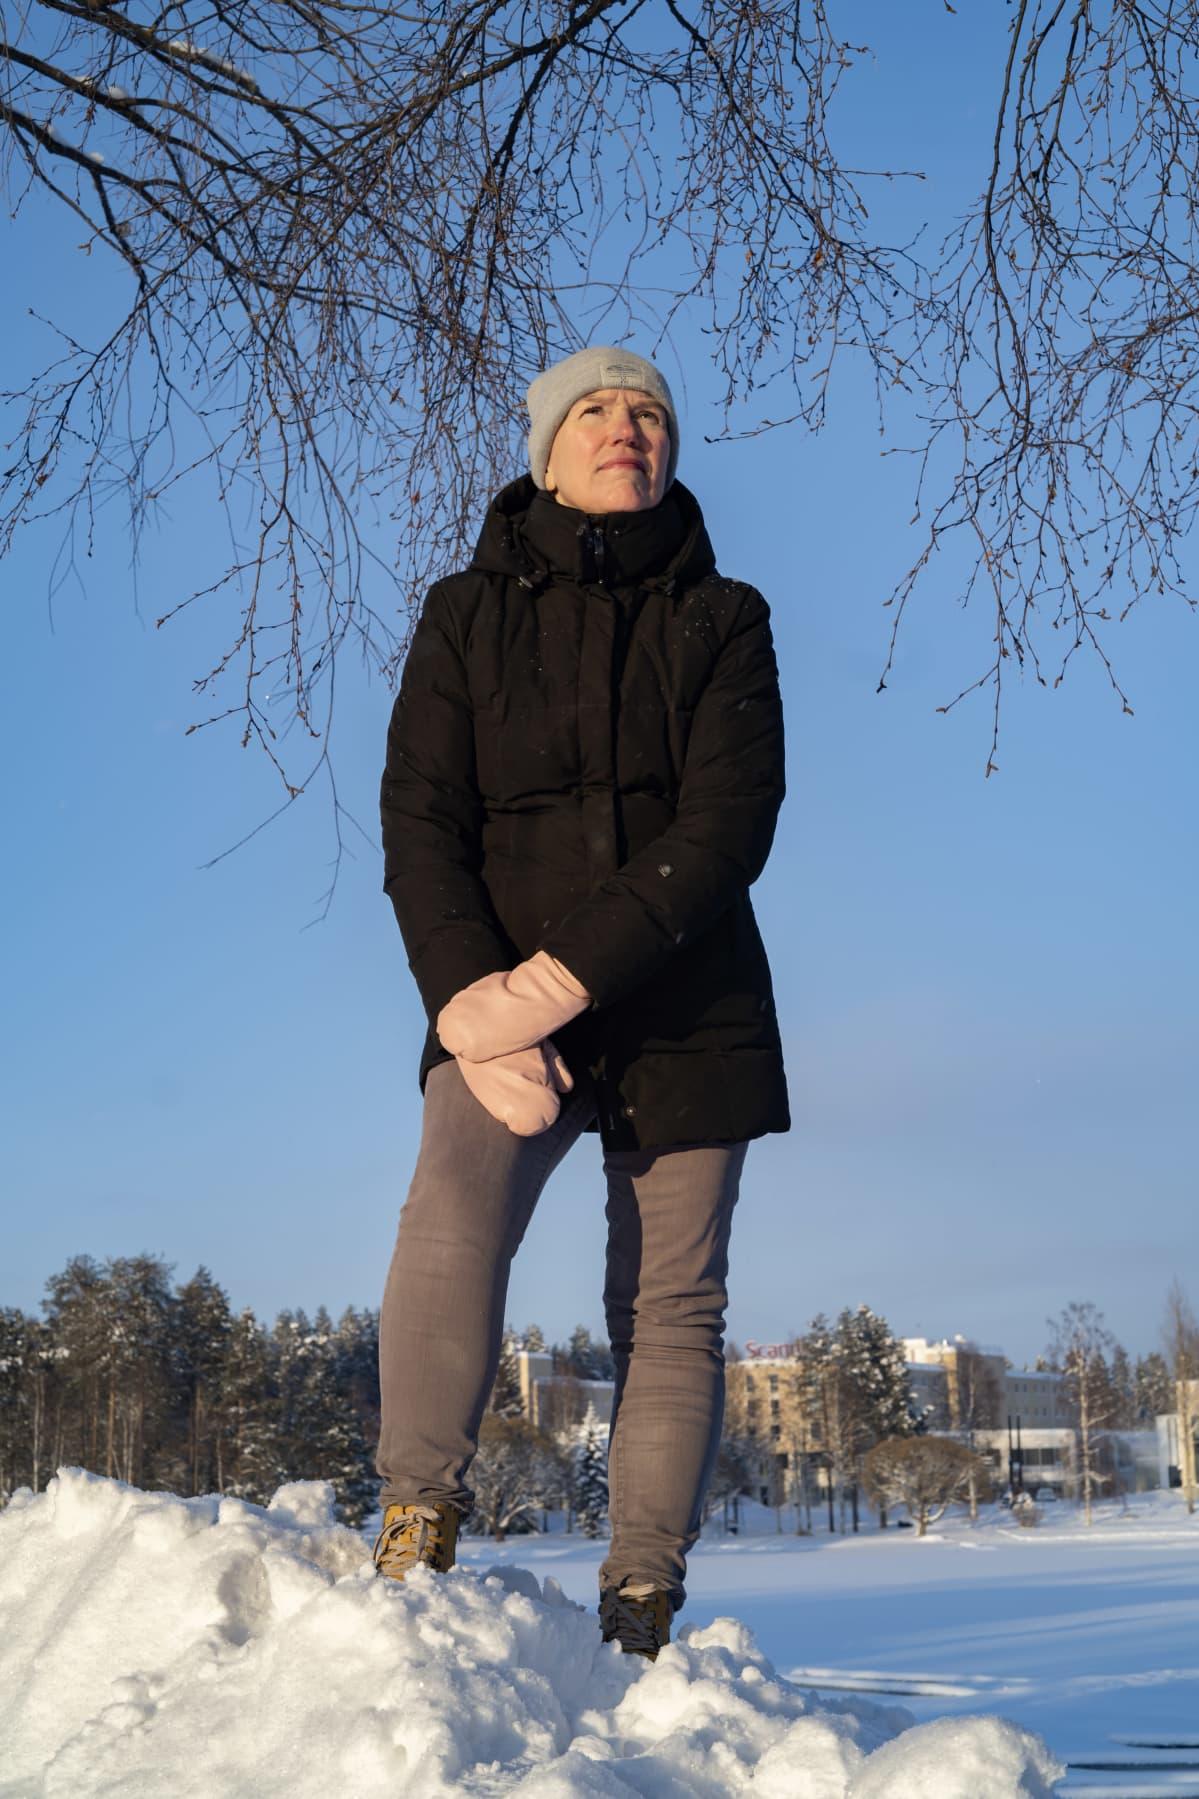 Kainuun liiton viestintäpäällikkö Sari Eskelinen lumikasan päällä, taustalla kaukaveden uimahalli.